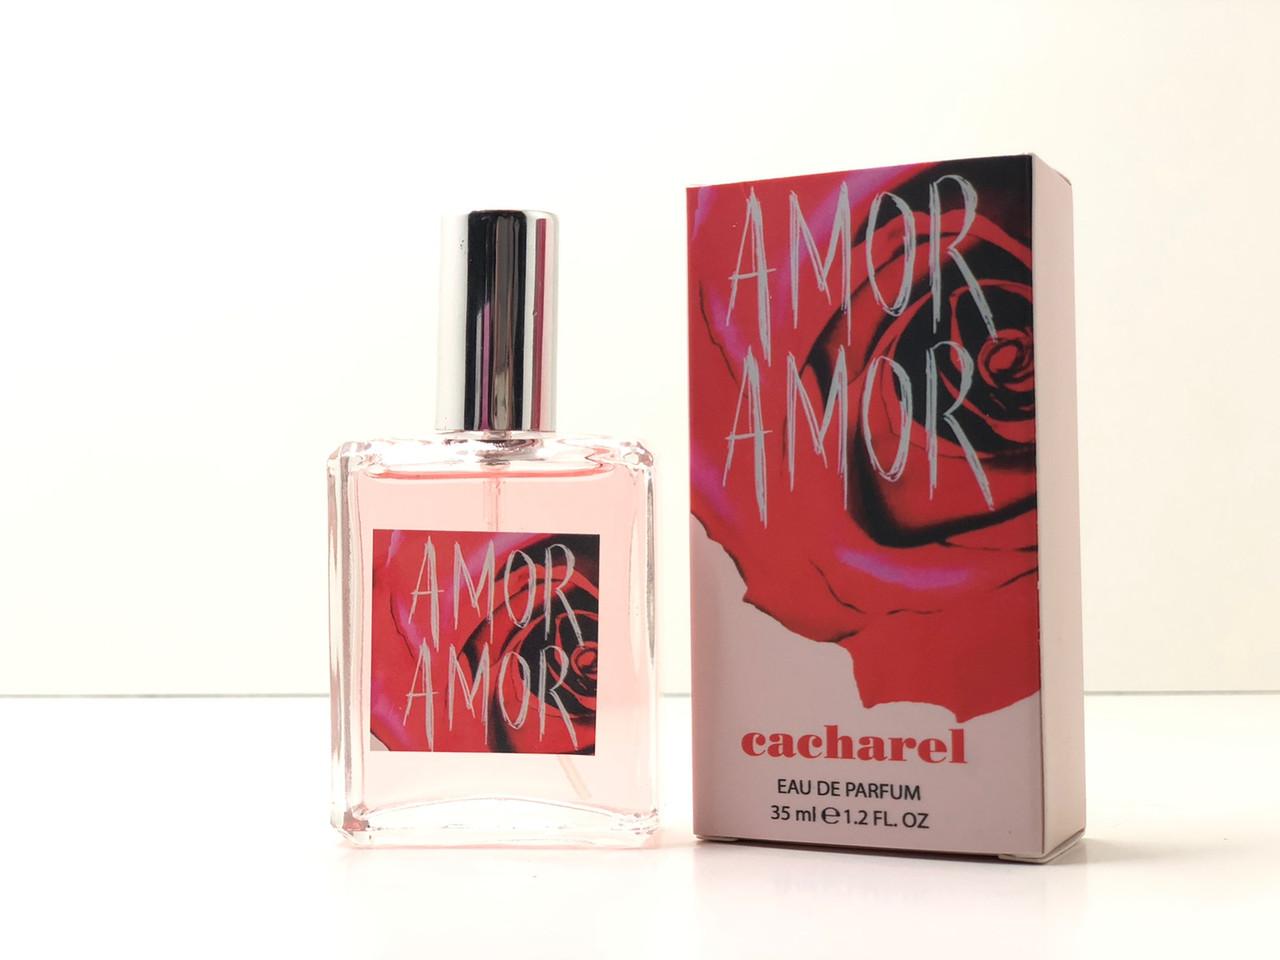 Мини парфюм Cacharel Amor Amor (Кашарель Амор Амор) 35 мл